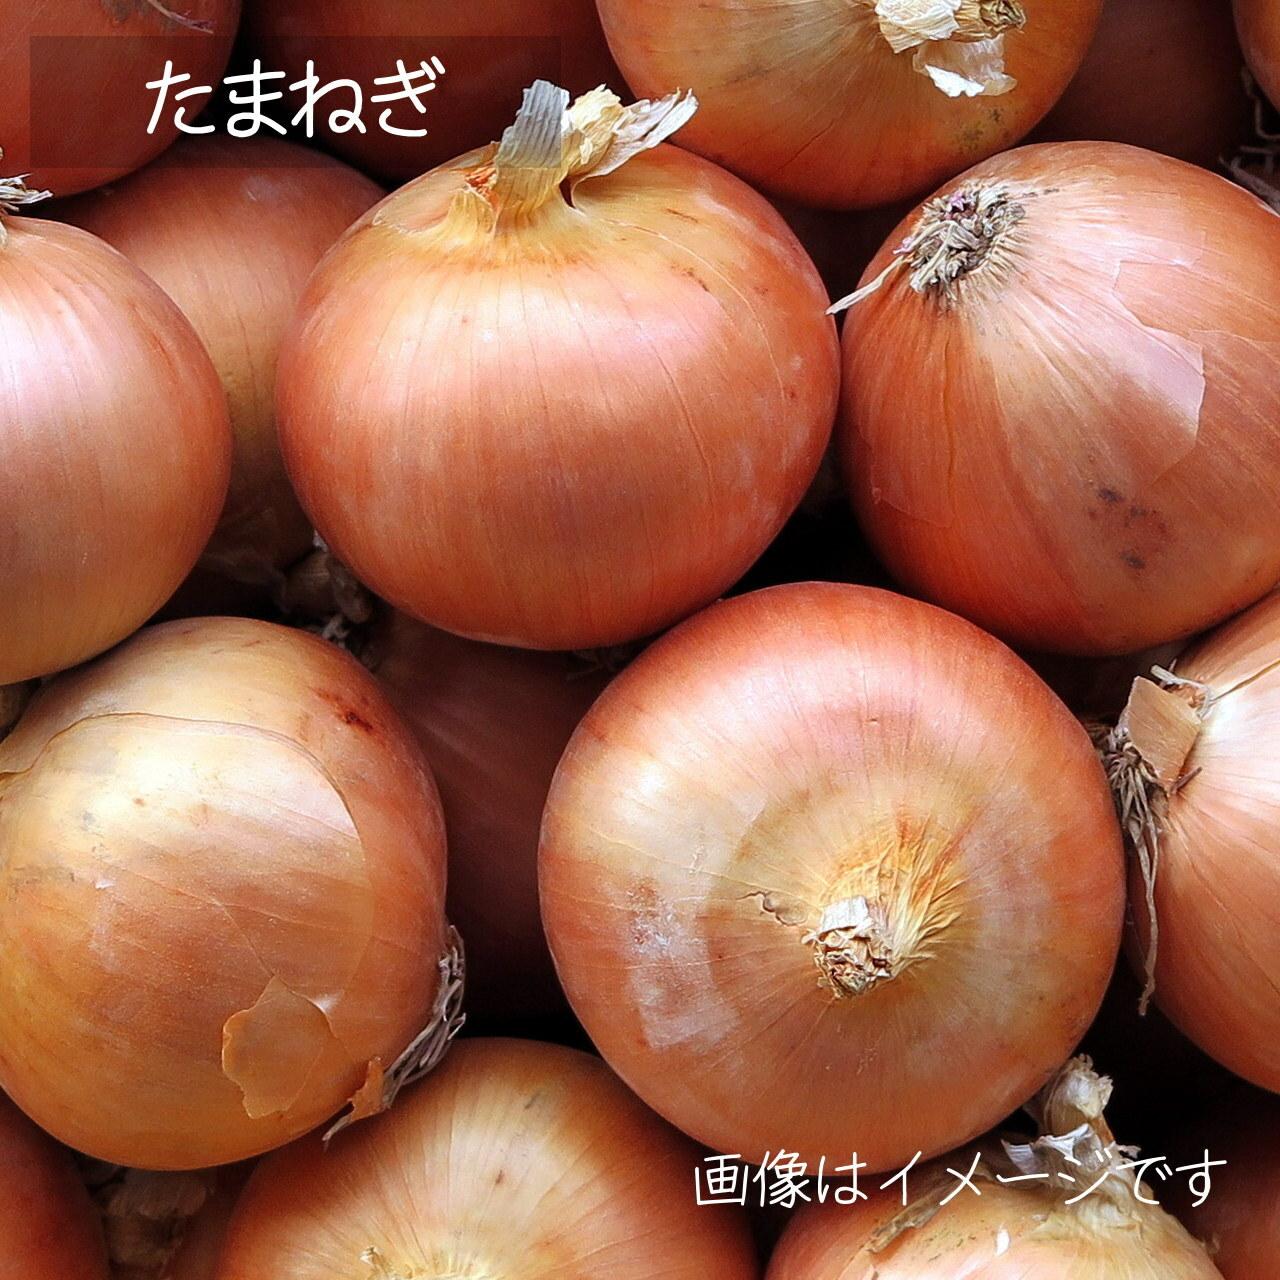 10月の朝採り直売野菜 : たまねぎ 約3~4個 新鮮な秋野菜 10月5日発送予定